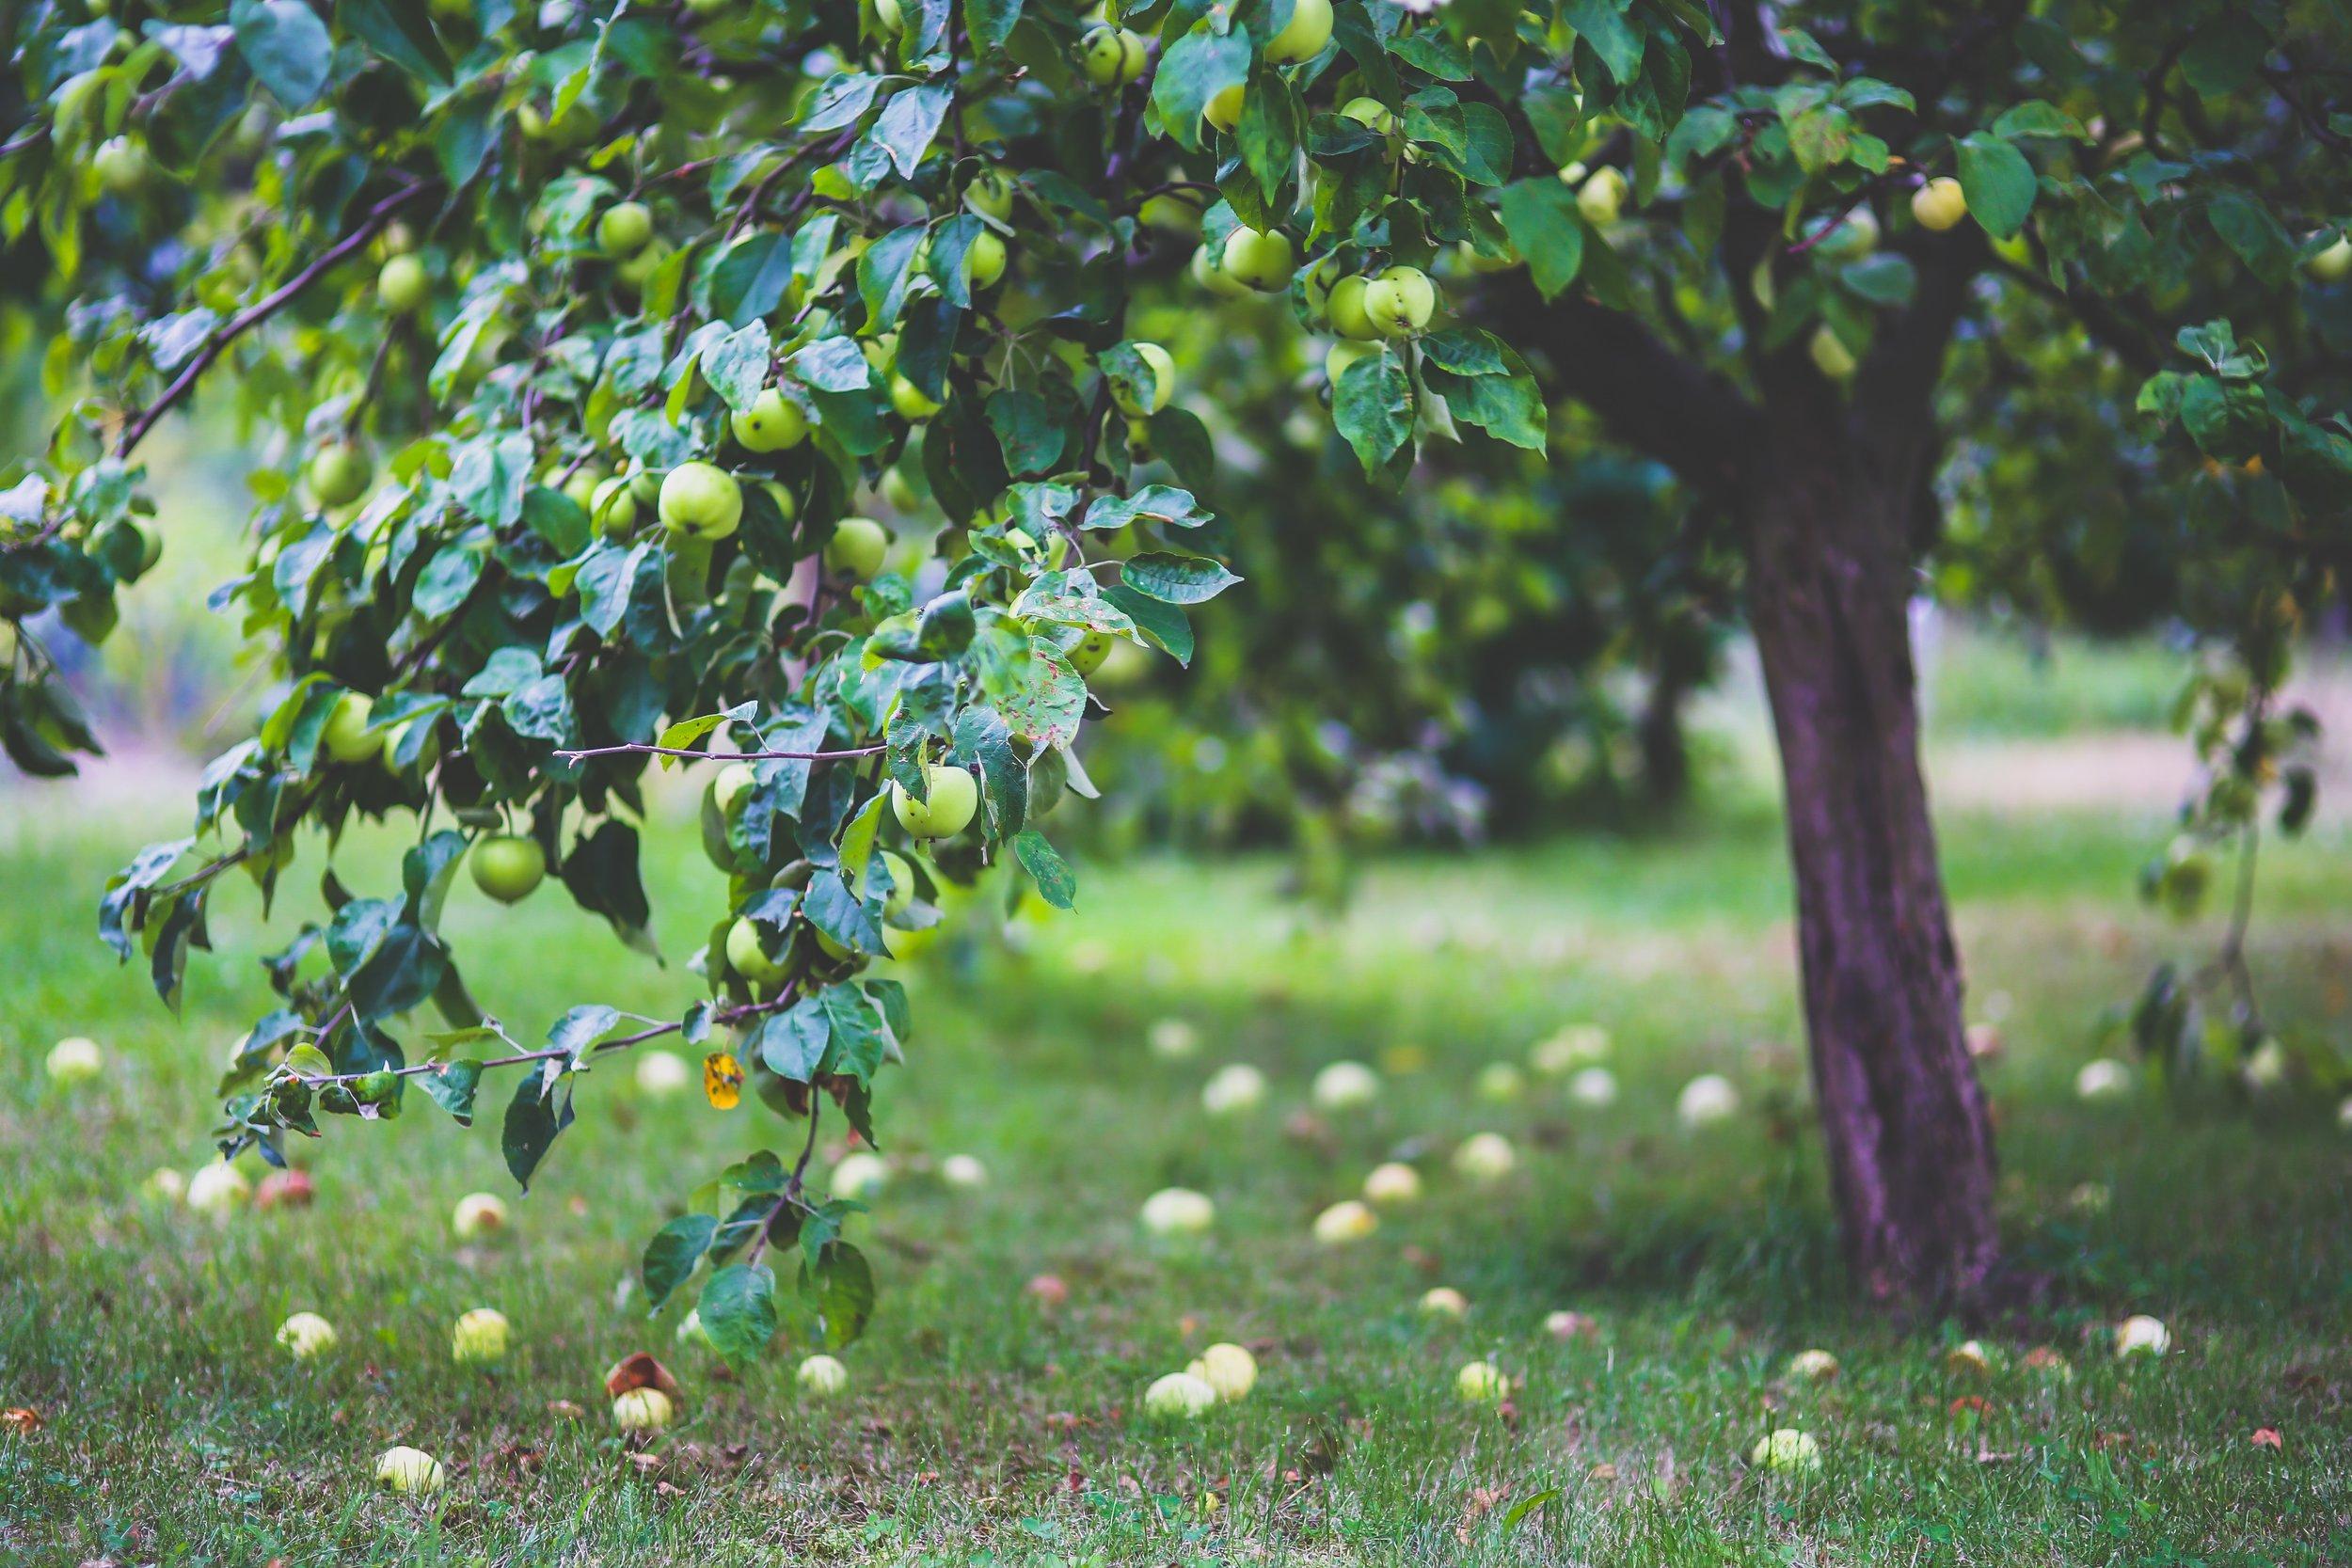 apple-apple-tree-apples-6035.jpg